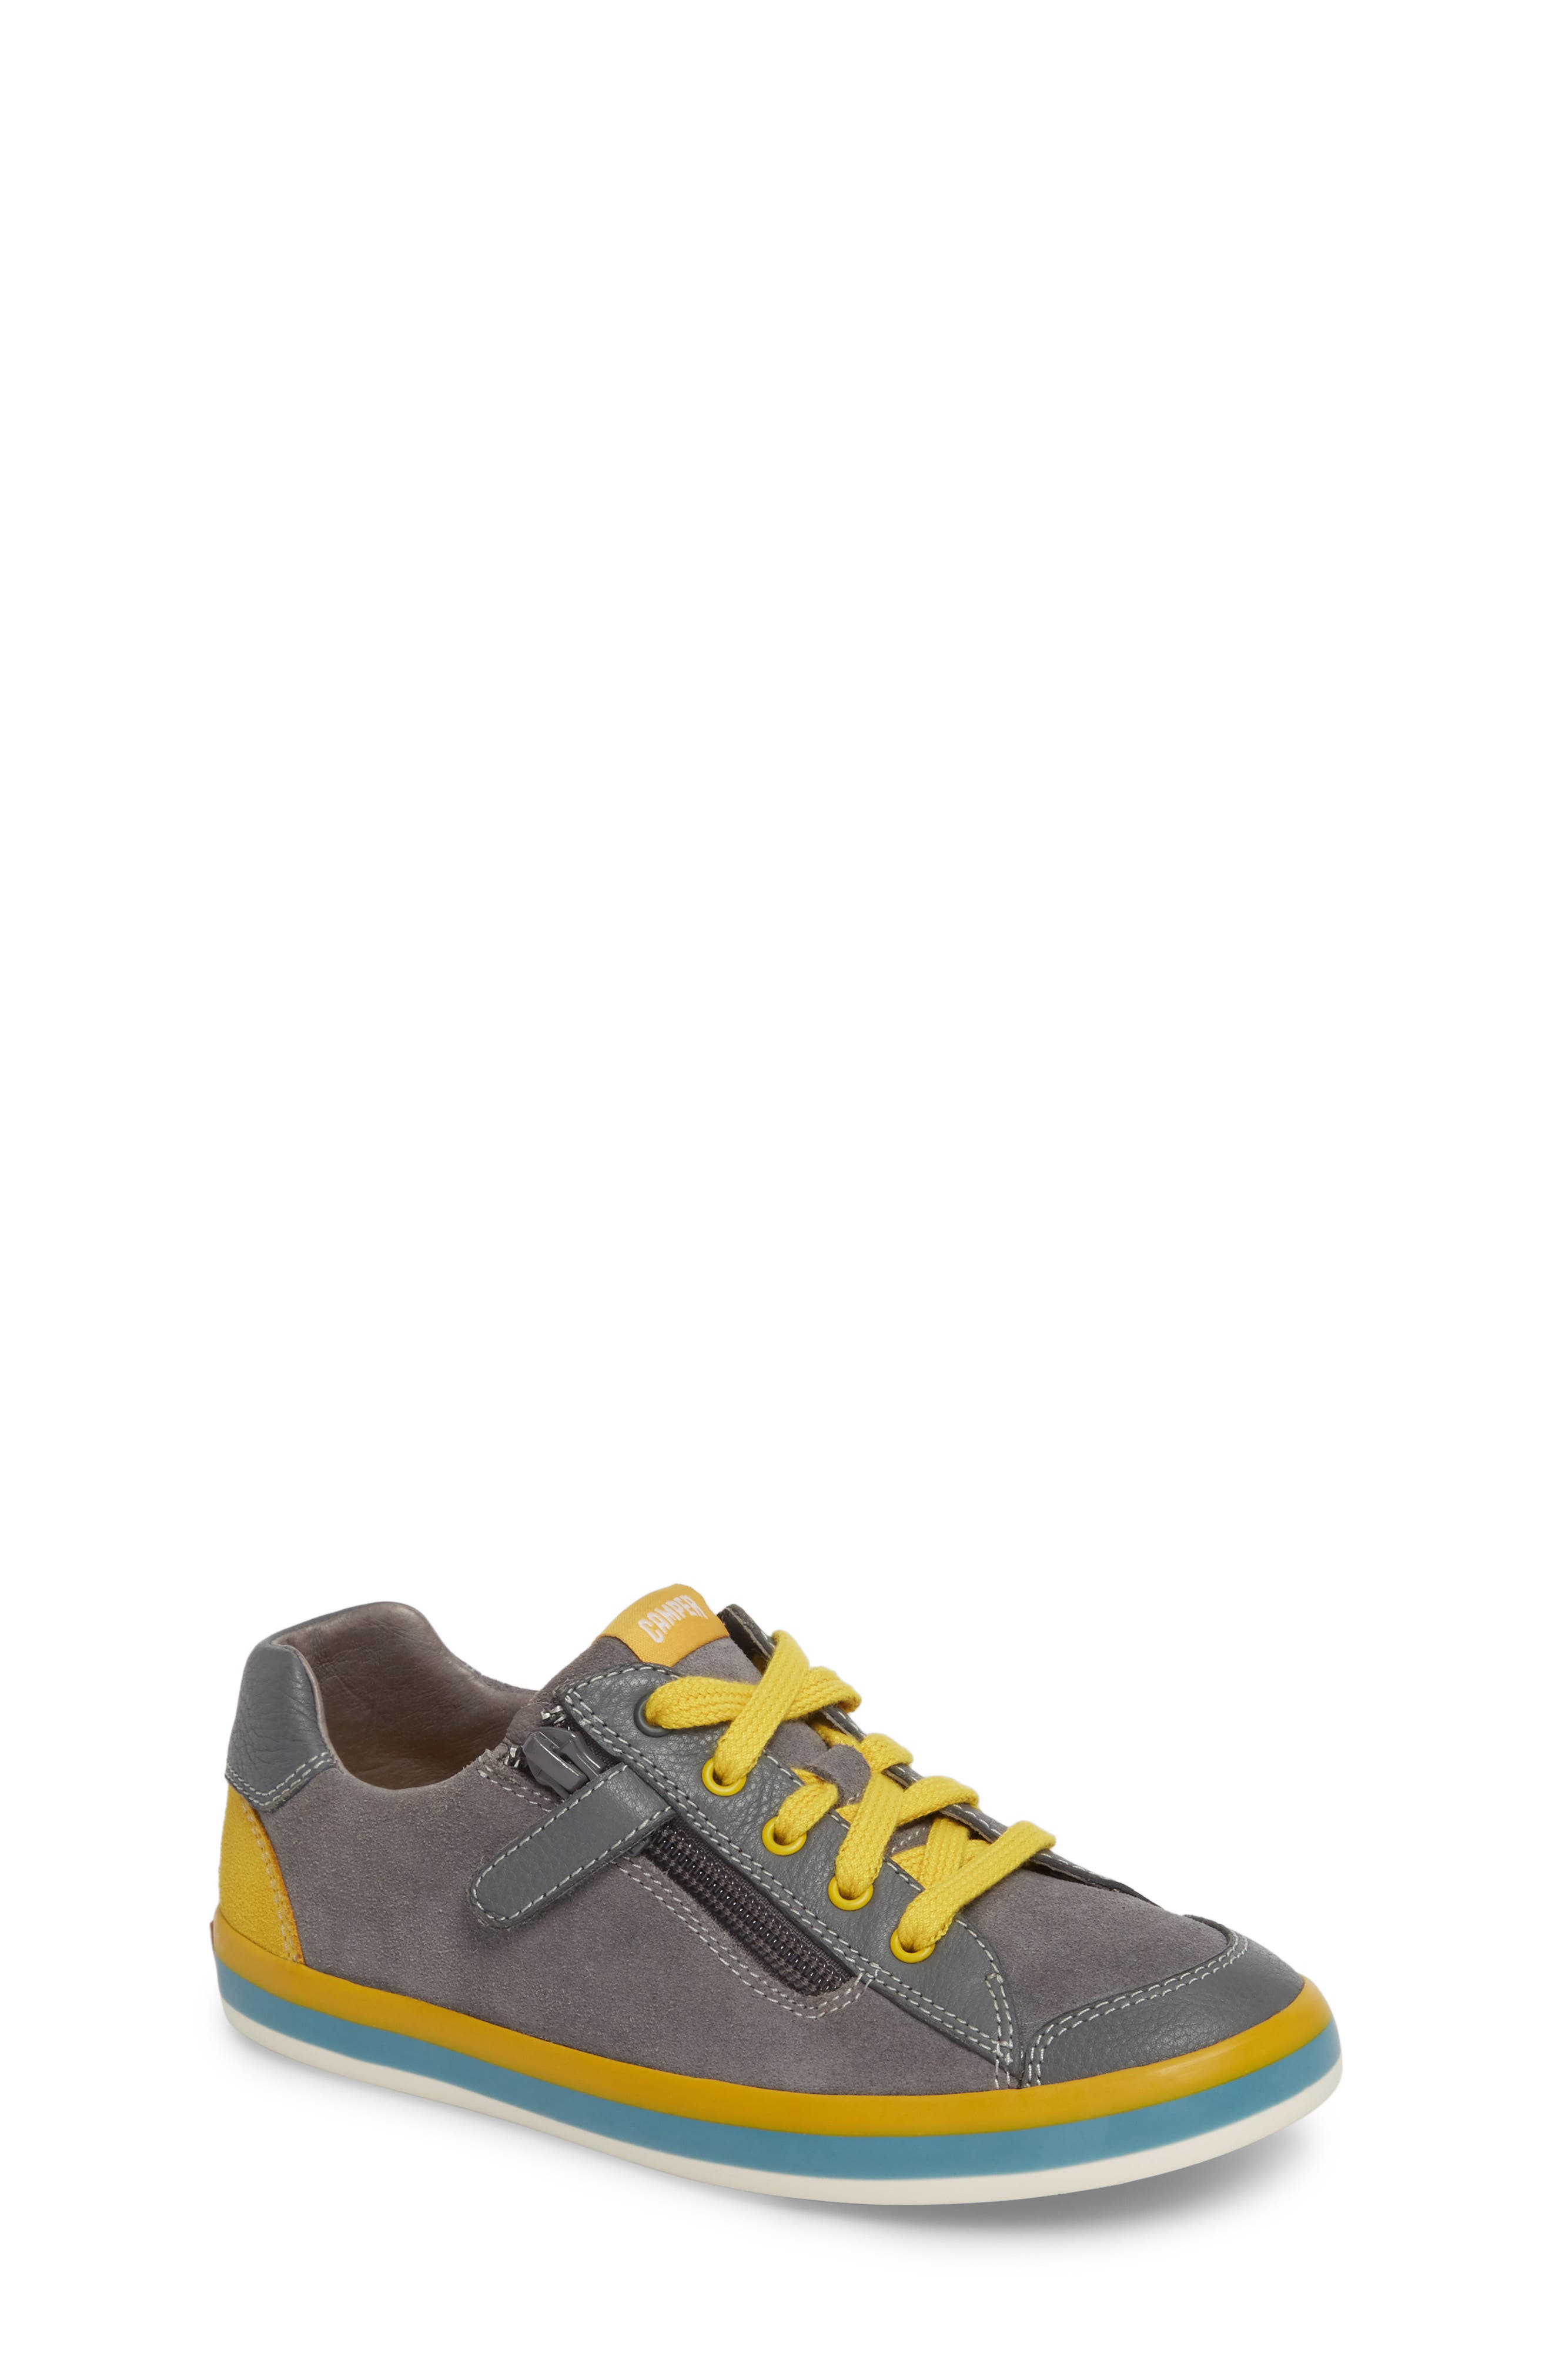 Pursuit Sneaker,                             Main thumbnail 1, color,                             030